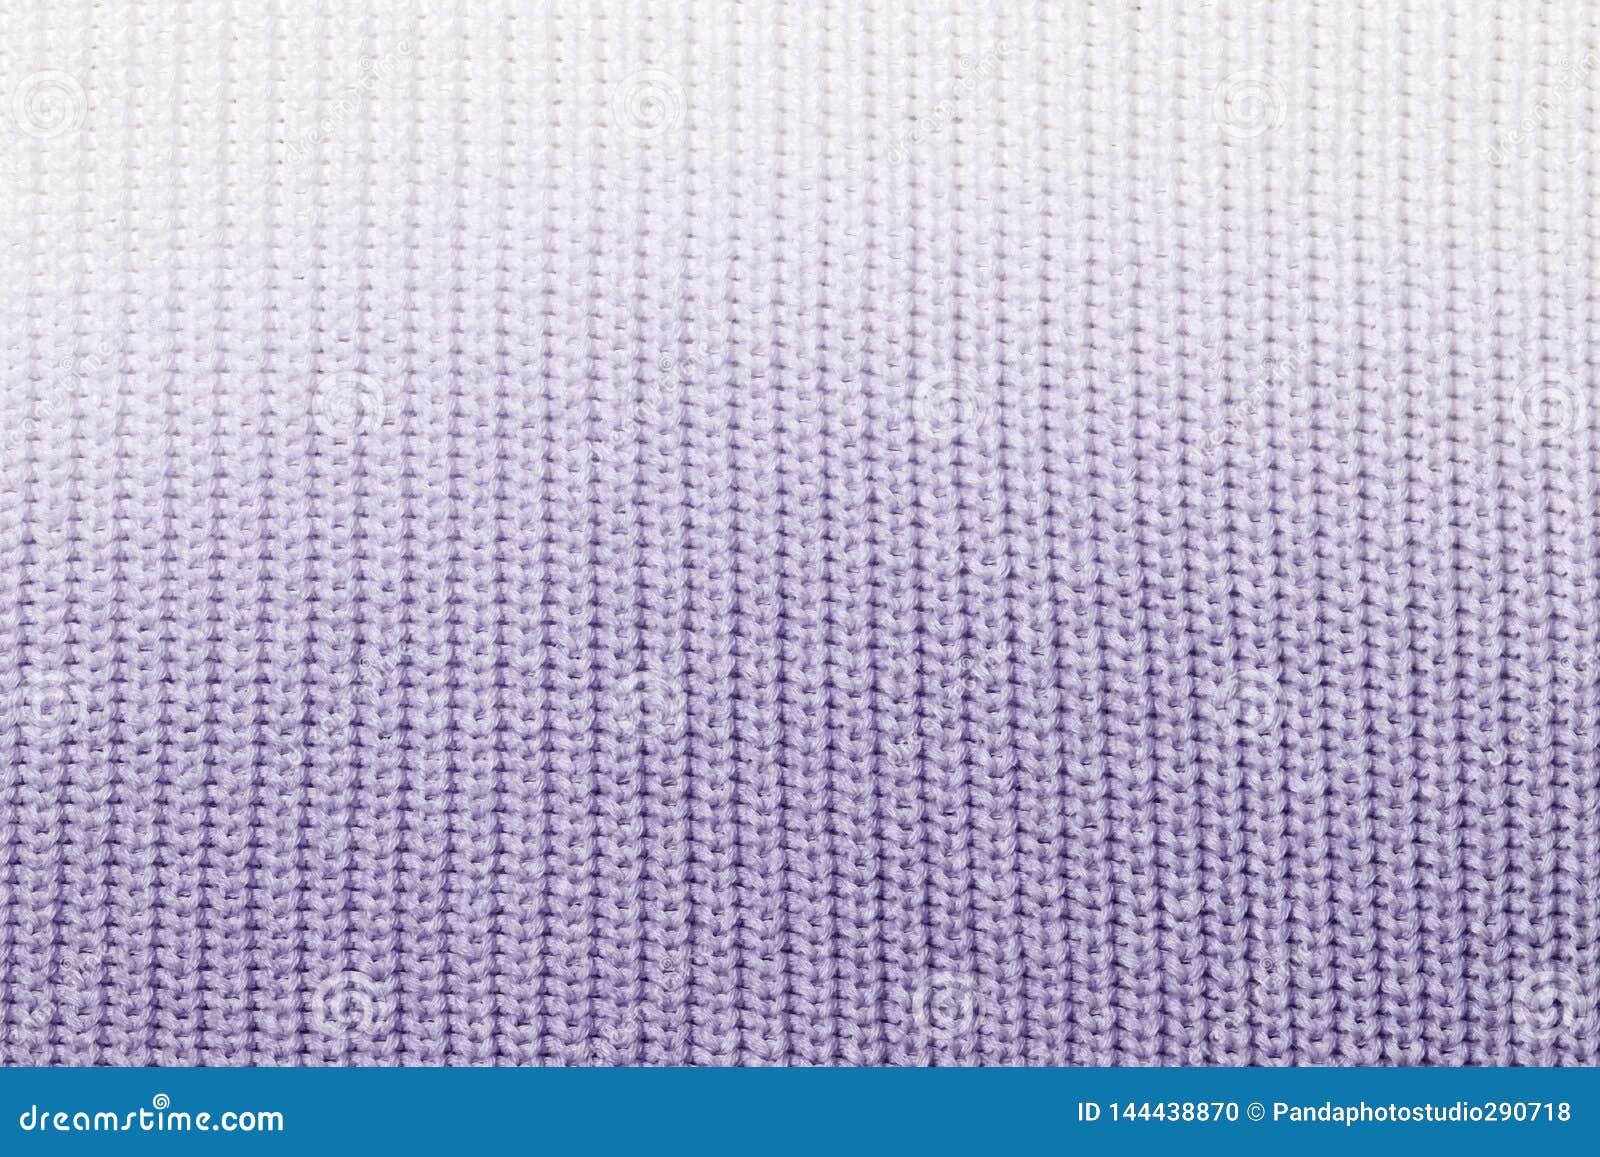 La textura de un azul hecho punto de la tela de lana